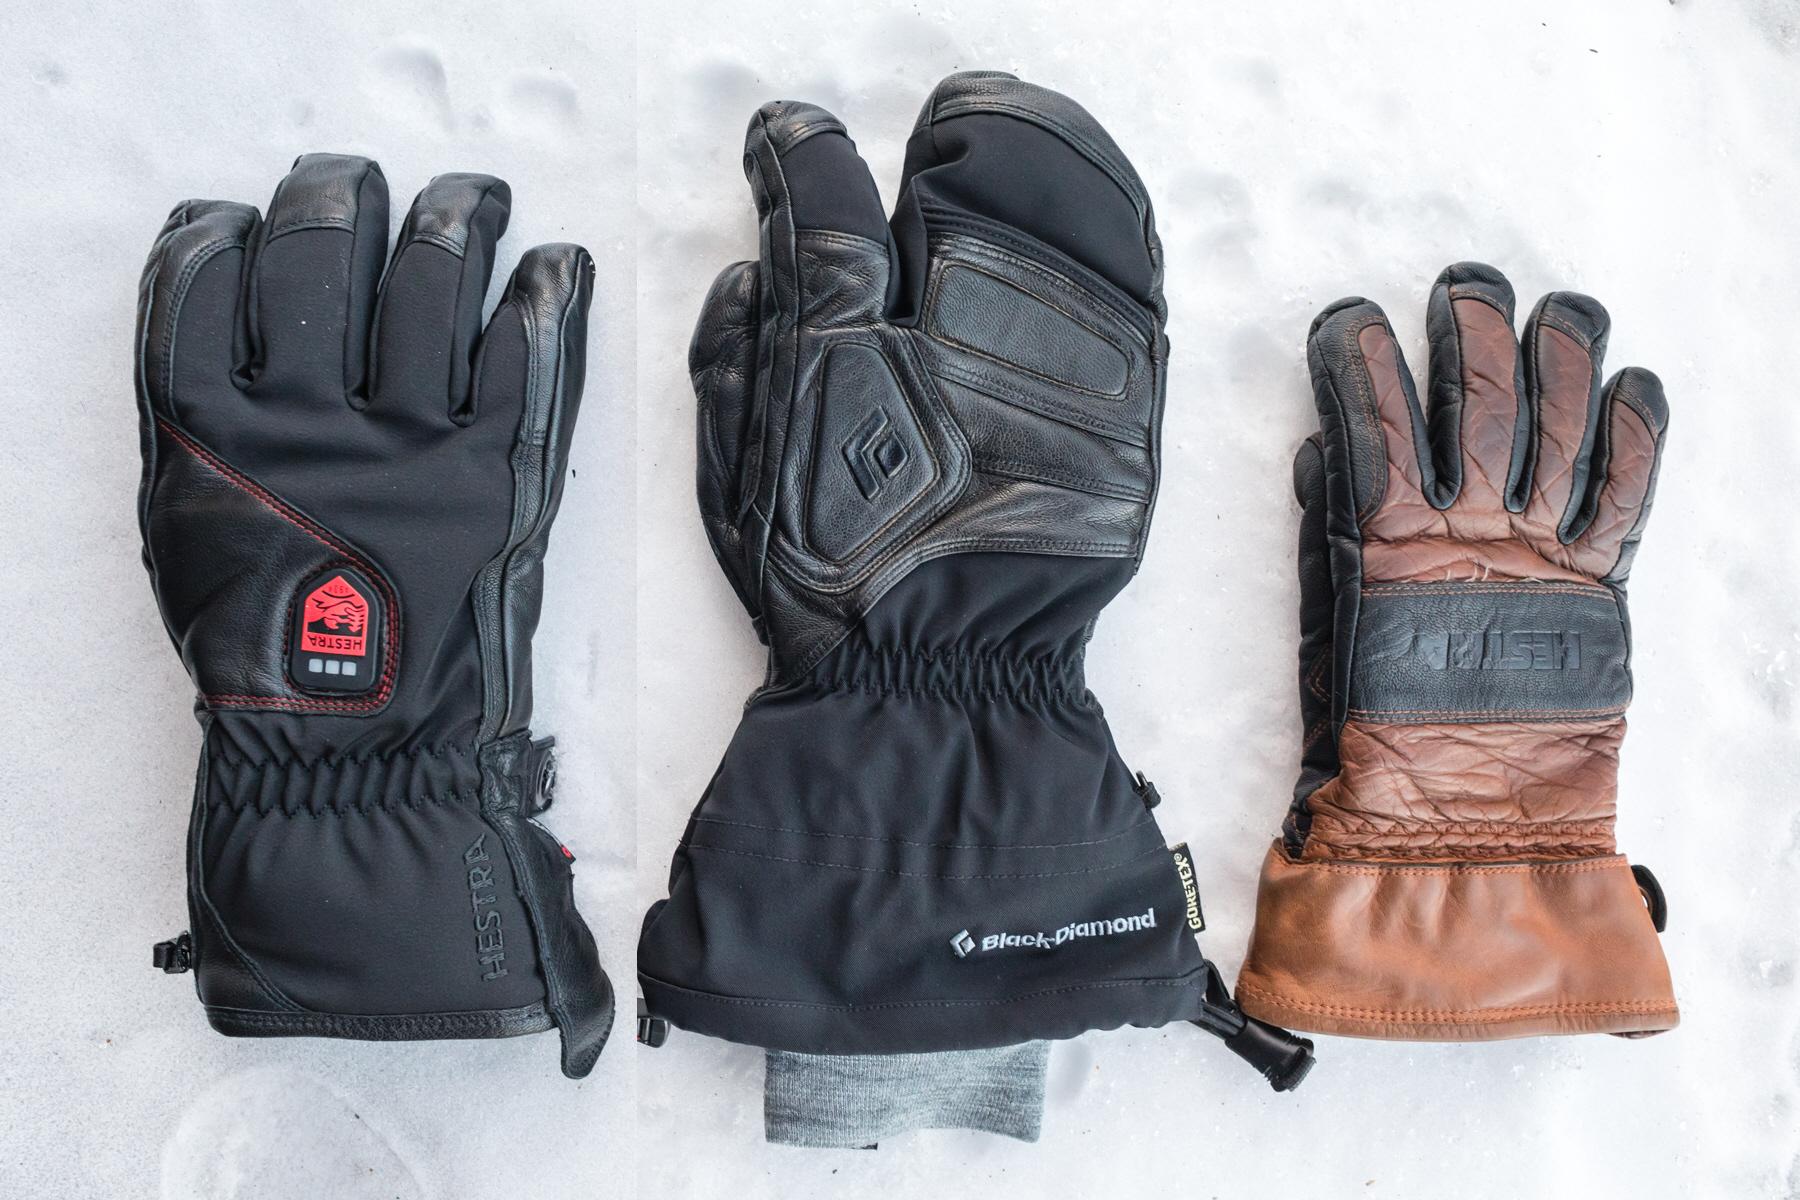 Power Heater sammenlignet med andre skihandsker